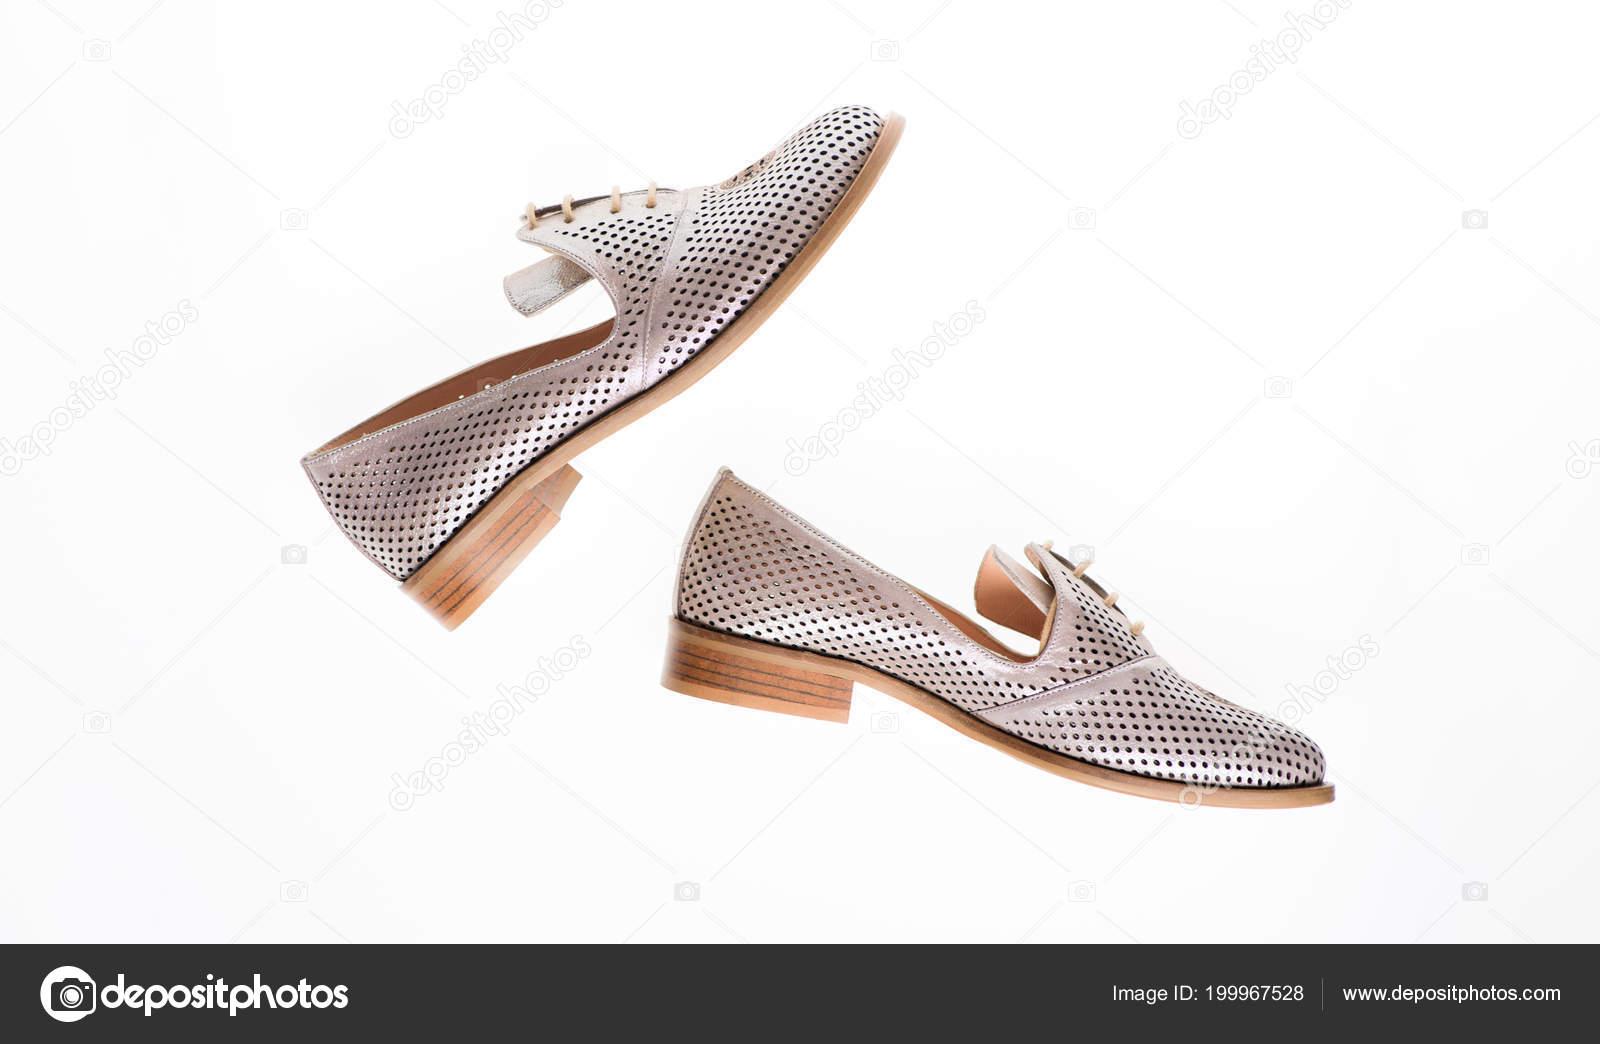 Schuhe Leder Weißem HintergrundIsoliertFür Auf Silber Y76gvbyf